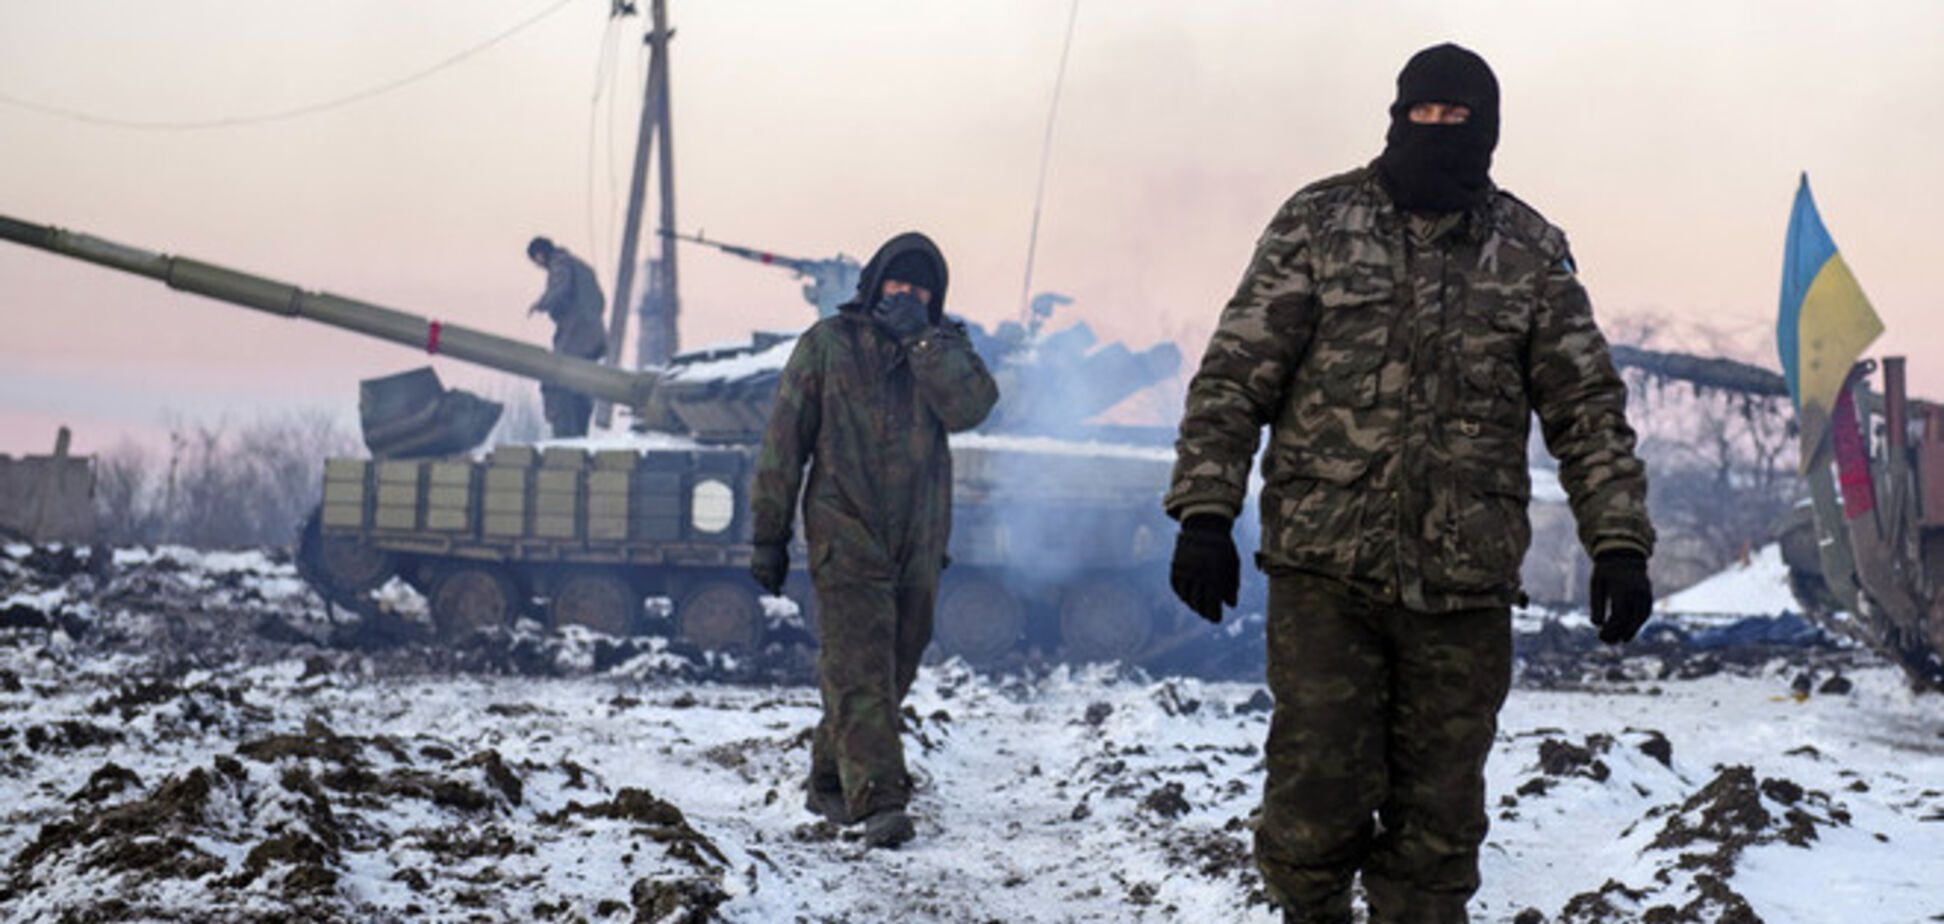 Наступление террористов 'ДНР' забуксовало под ударами украинской артиллерии – эксперт